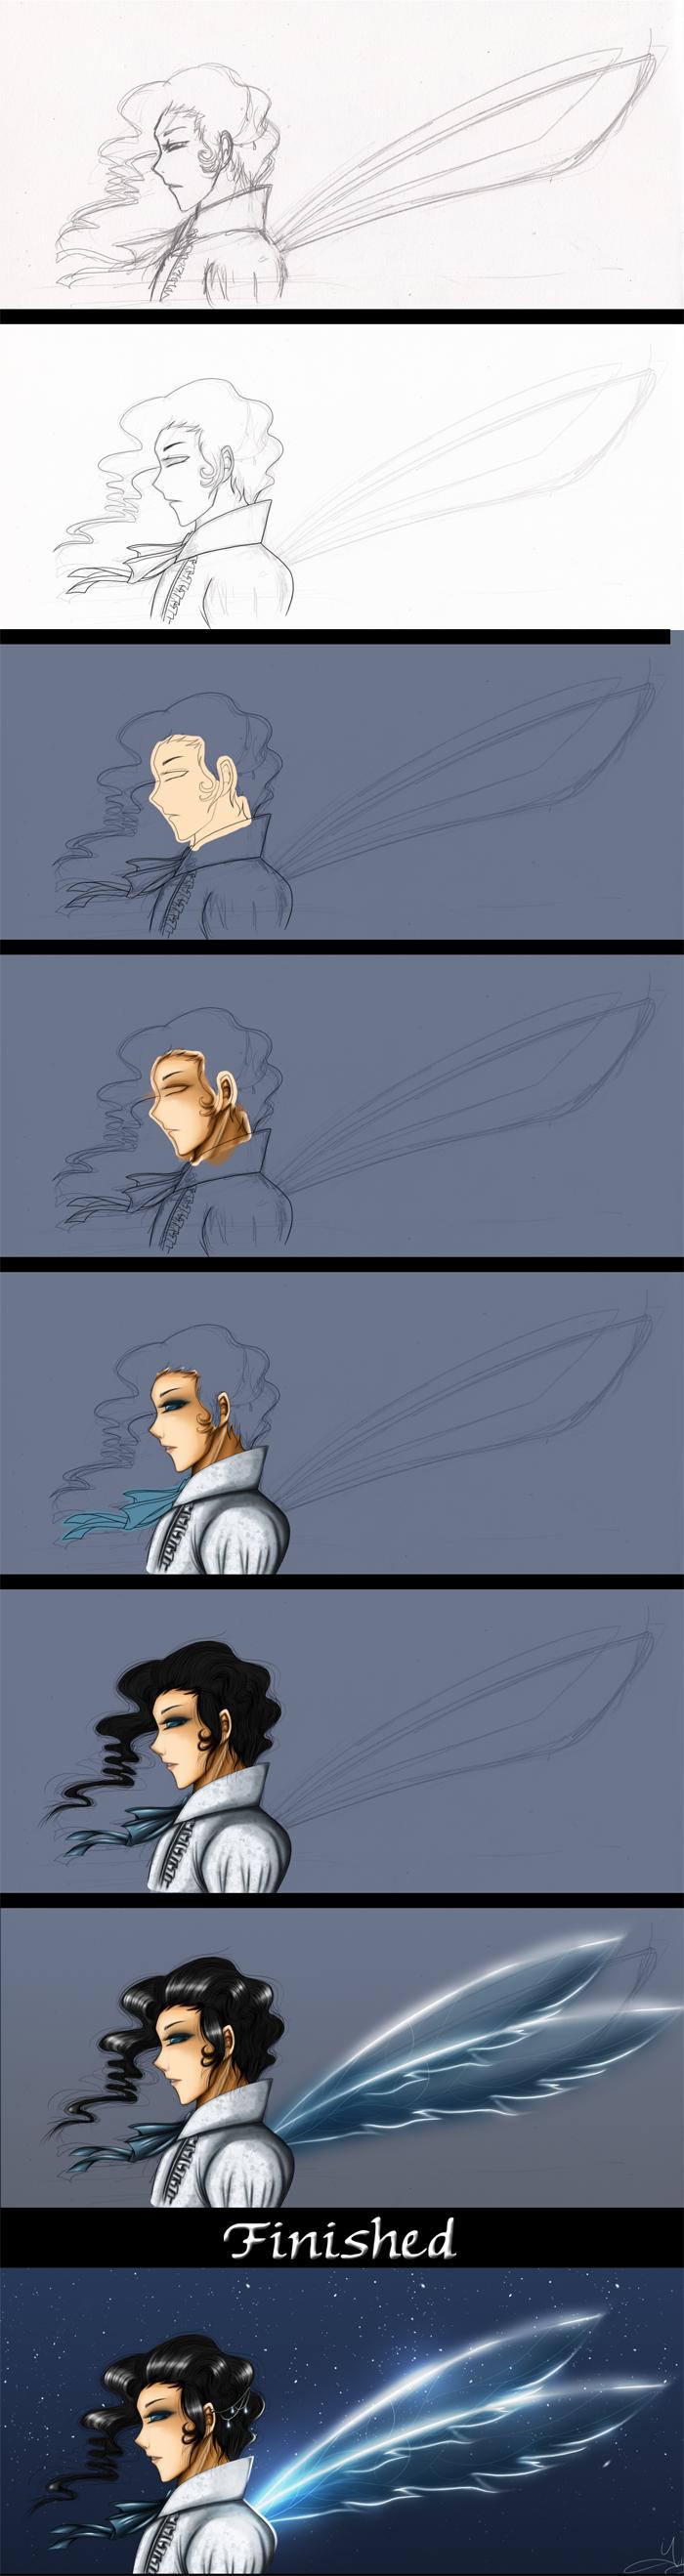 Drawing Process by YukiMiyasawa